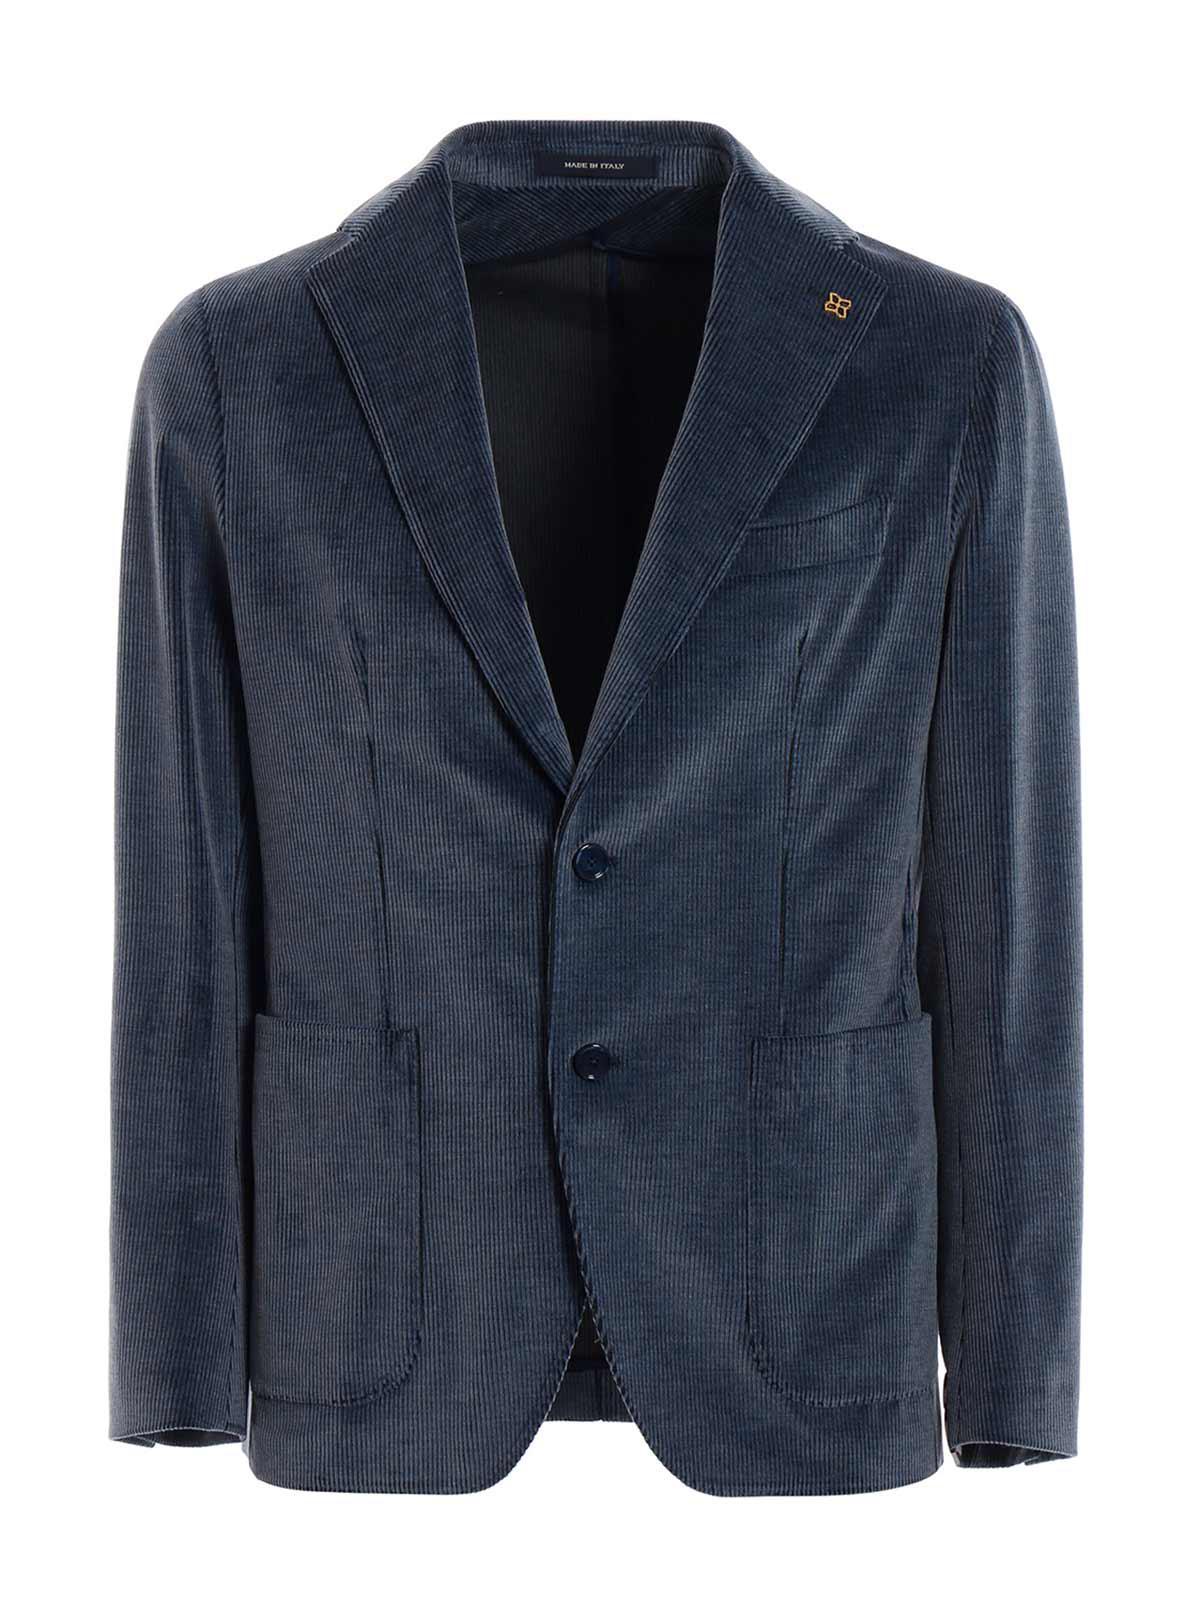 Lyst - Tagliatore Giacca in Blue for Men c56f20c157f